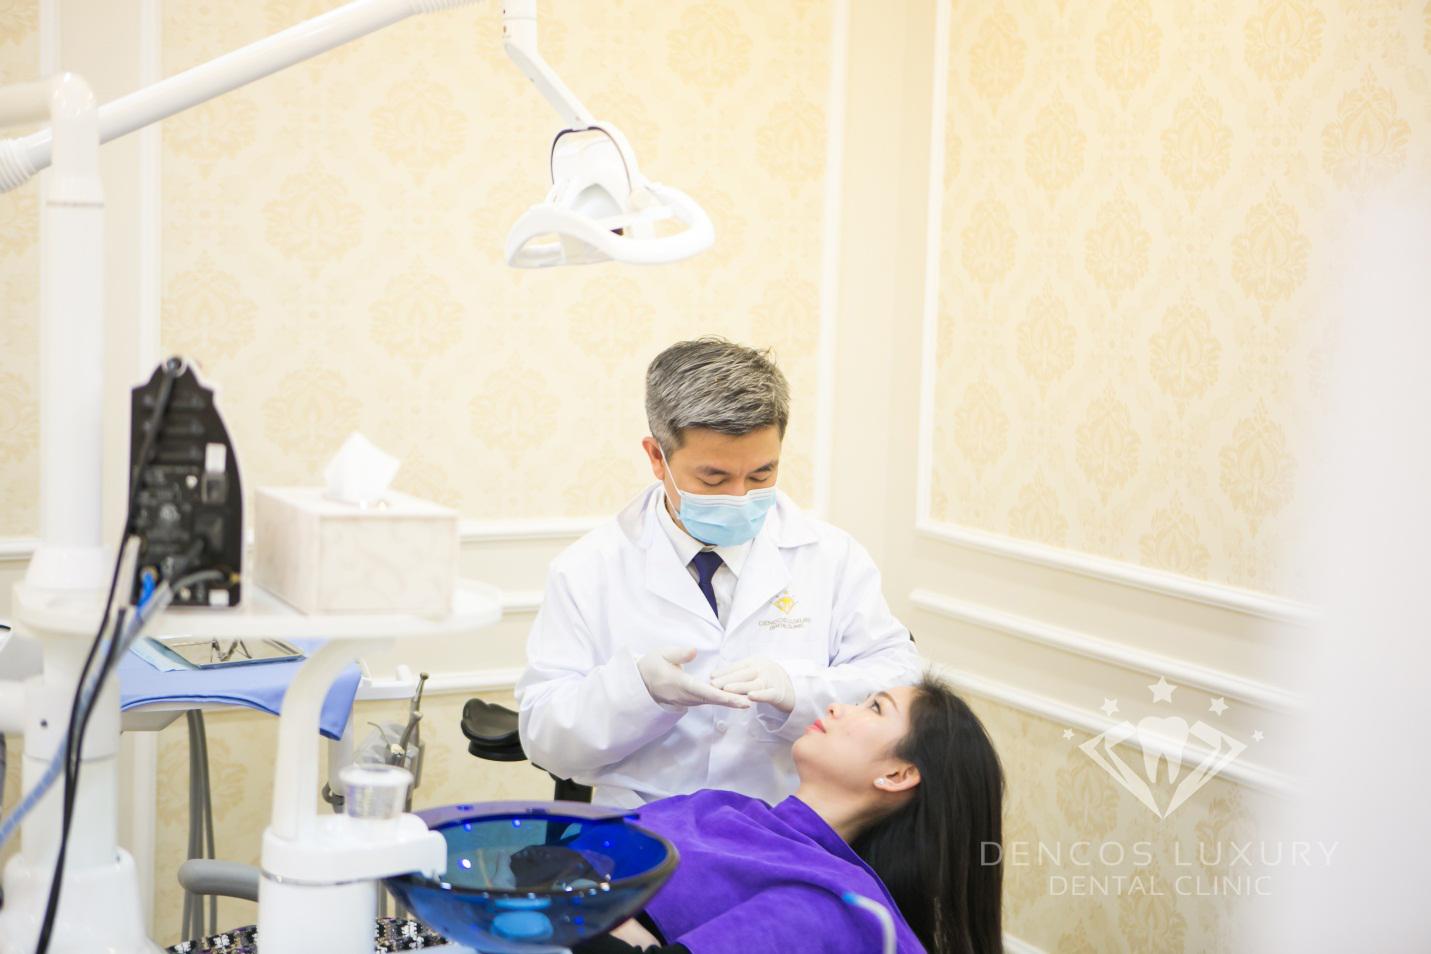 Chi phí bọc răng sứ bao nhiêu tiền phụ thuộc vào bác sĩ thực hiện